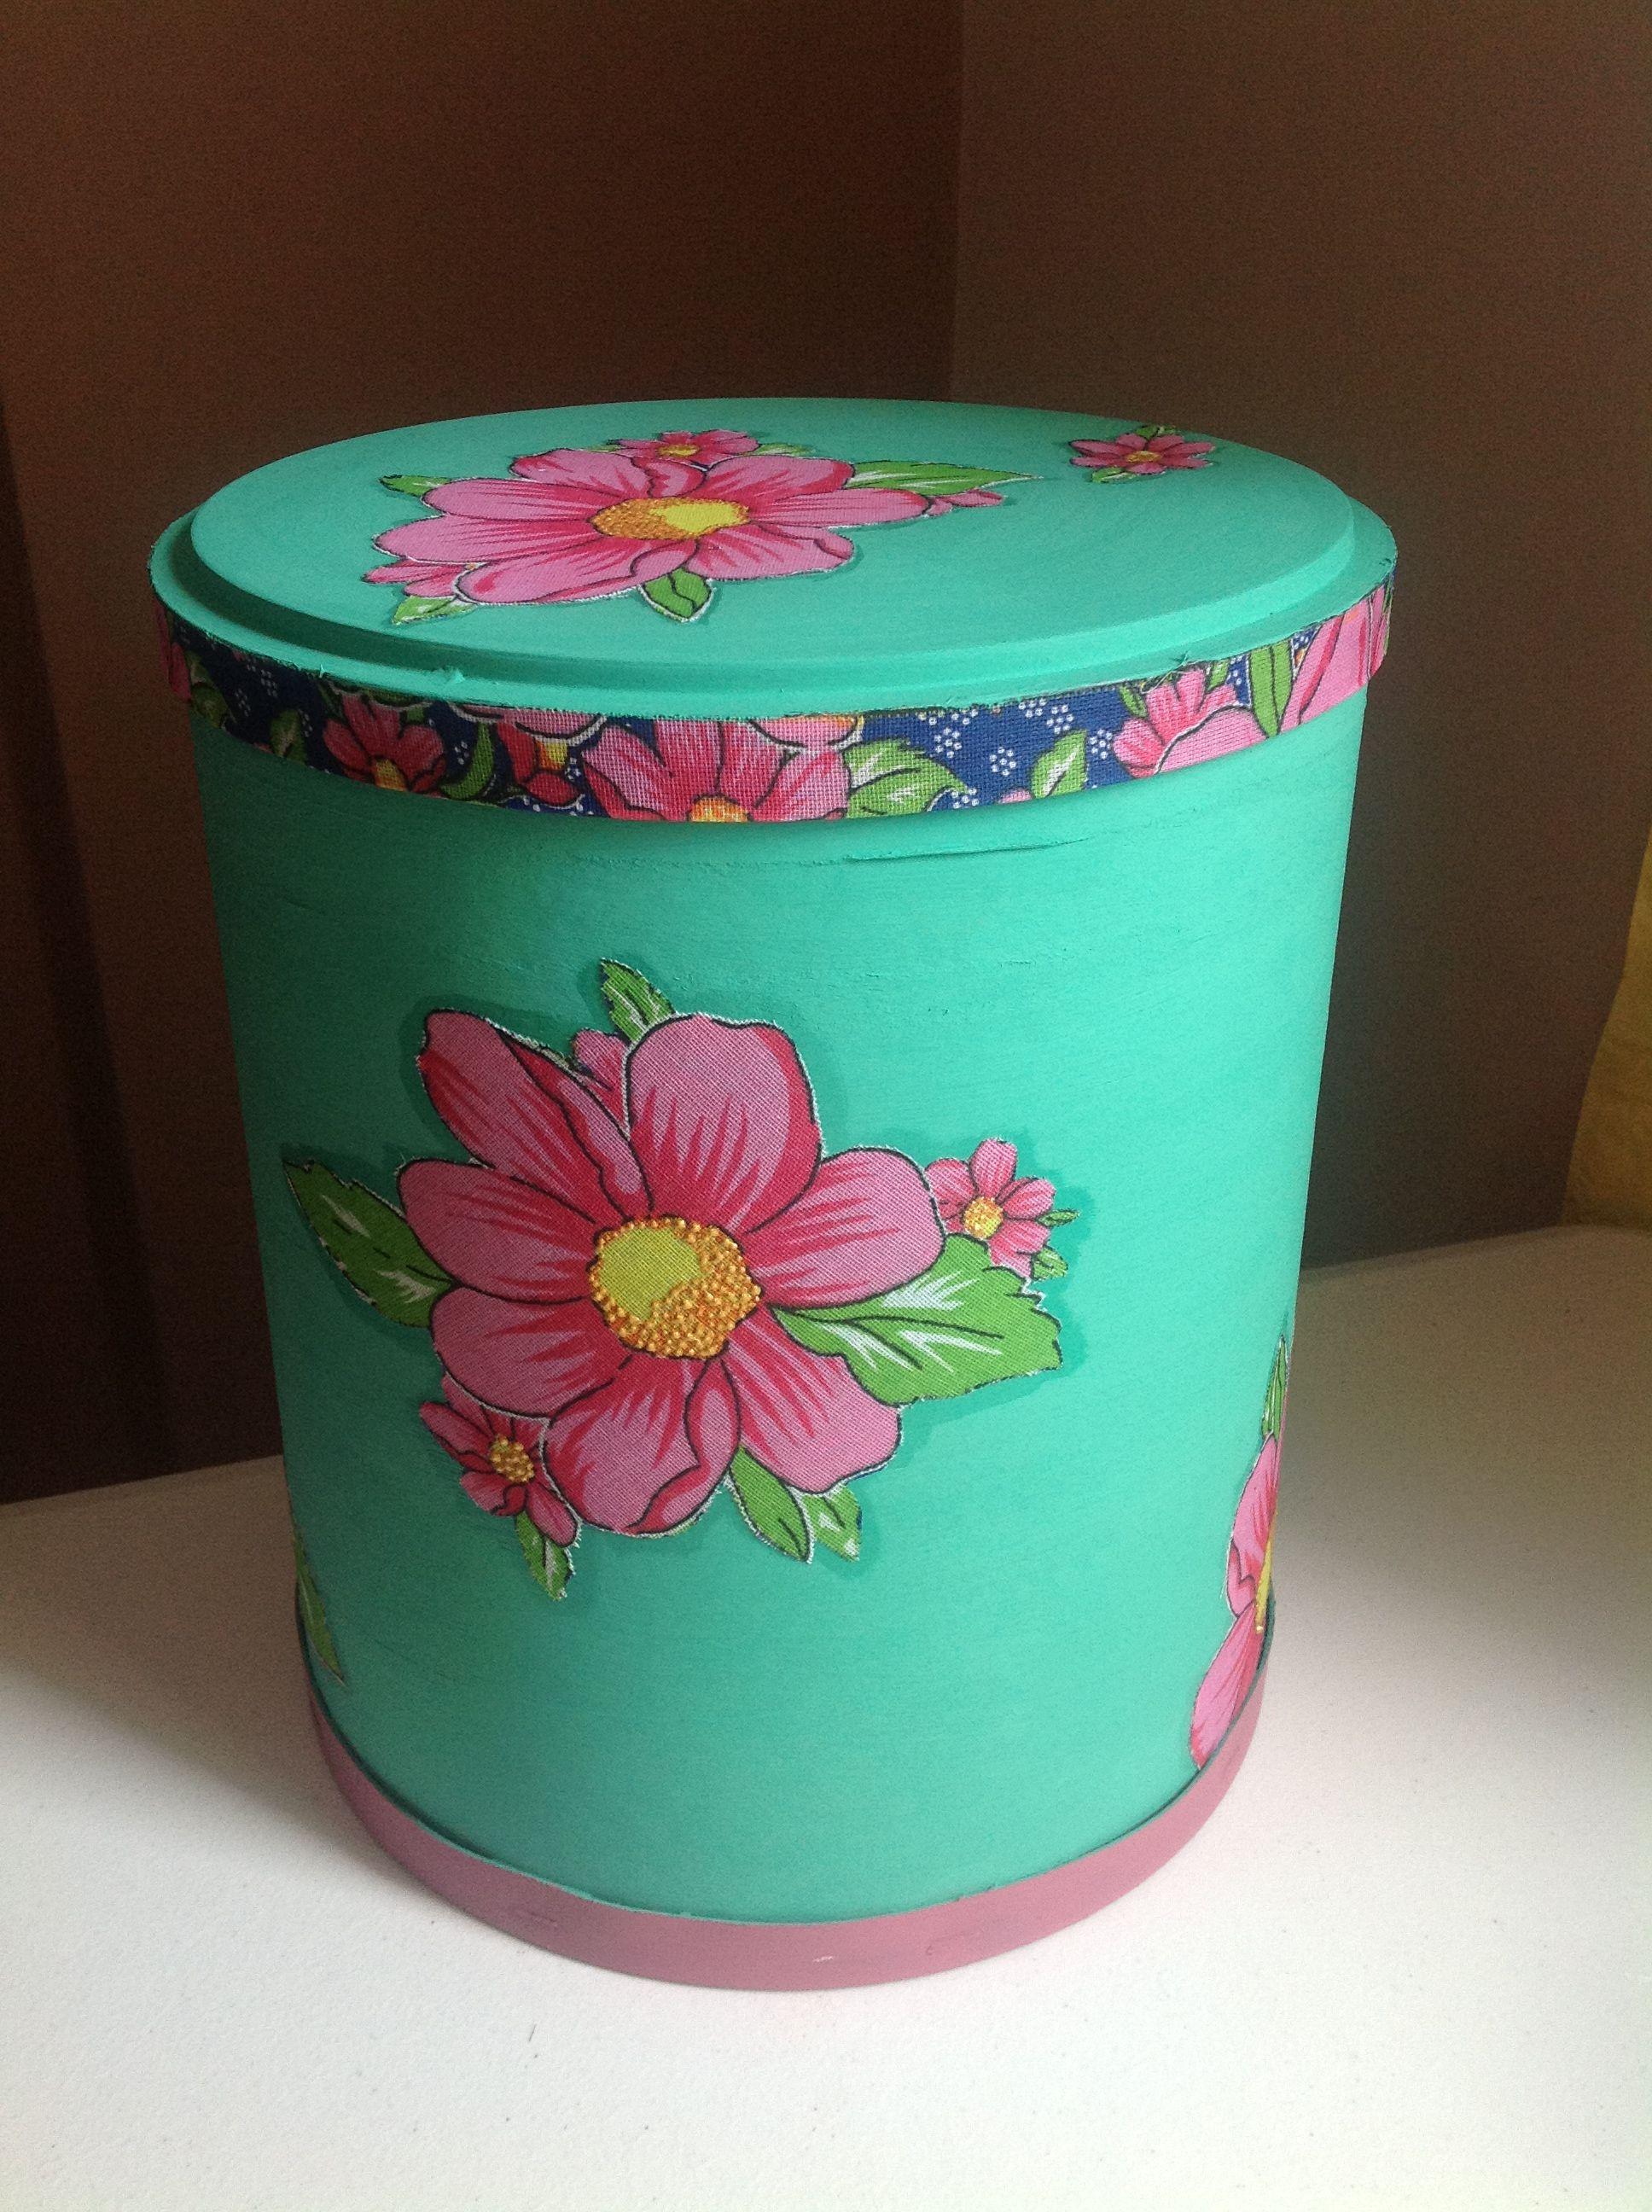 Barrica pintada na cor verde seco e detalhes florais em tecido.